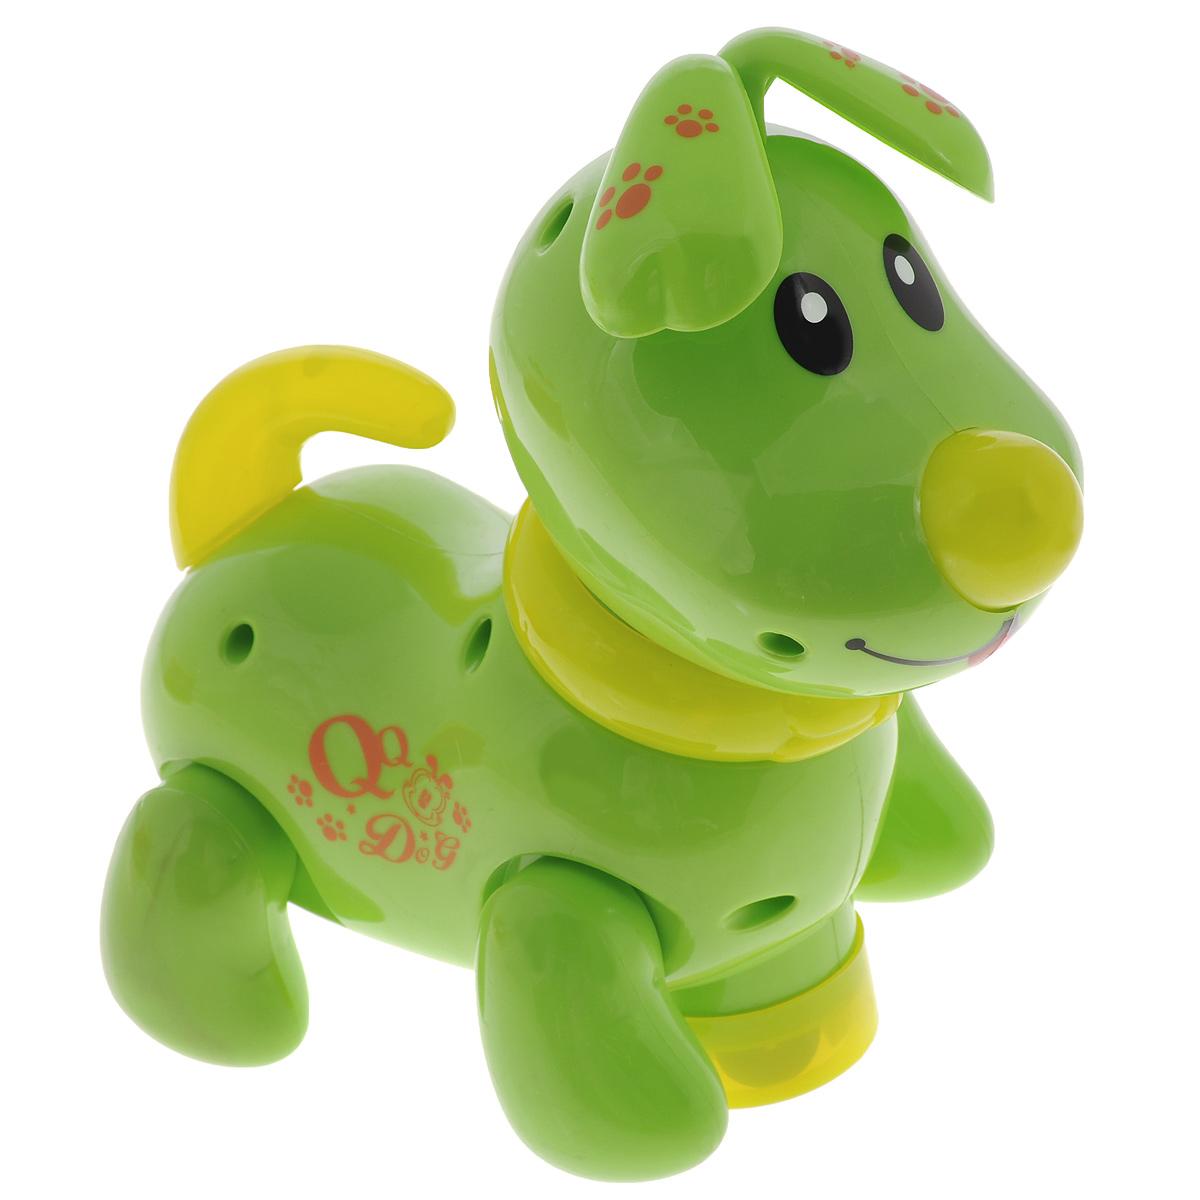 Интерактивная игрушка Mioshi Щенок РоккиMAC0303-006Интерактивная игрушка Mioshi Щенок Рокки обязательно поднимет настроение вашему малышу. Игрушка выполнена из прочного и безопасного материала в виде милого щенка. Щенок умеет так забавно вилять хвостиком и крутить головой в разные стороны. Благодаря встроенному датчику, при каждом движении песика активируются свето-звуковые эффекты: загораются ошейник и хвостик, а также звучит приятная для слуха мелодичная песенка. Игрушка стимулирует развитие зрительного, слухового и тактильного восприятия ребенка. Порадуйте своего ребенка такой забавной игрушкой. Необходимо купить 3 батарейки напряжением 1,5V типа АА (не входят в комплект).